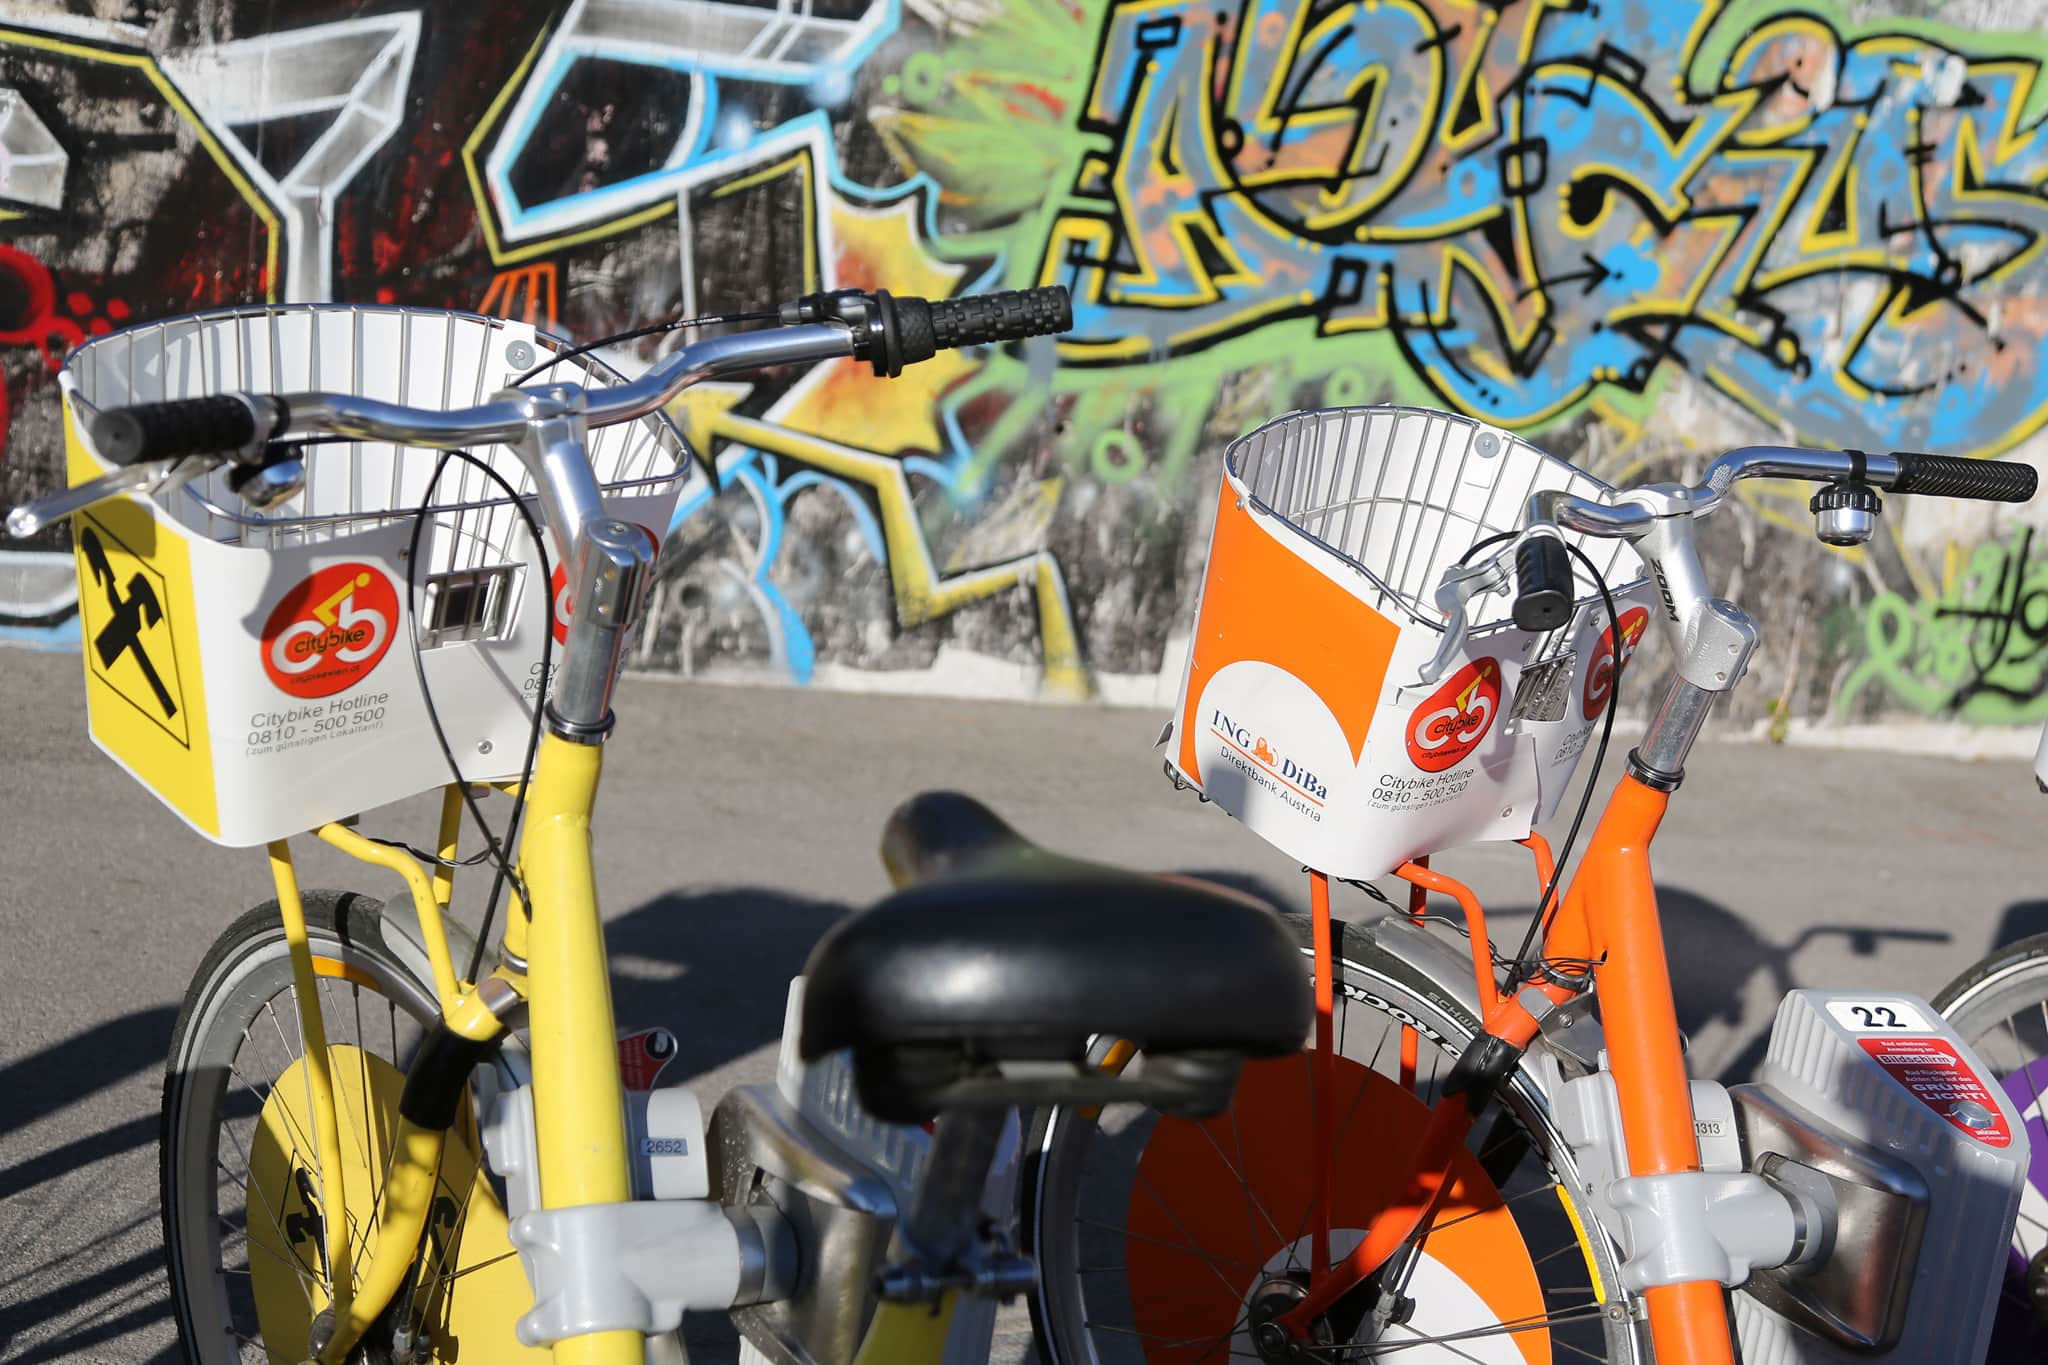 Leihräder stehen auf der Straße.